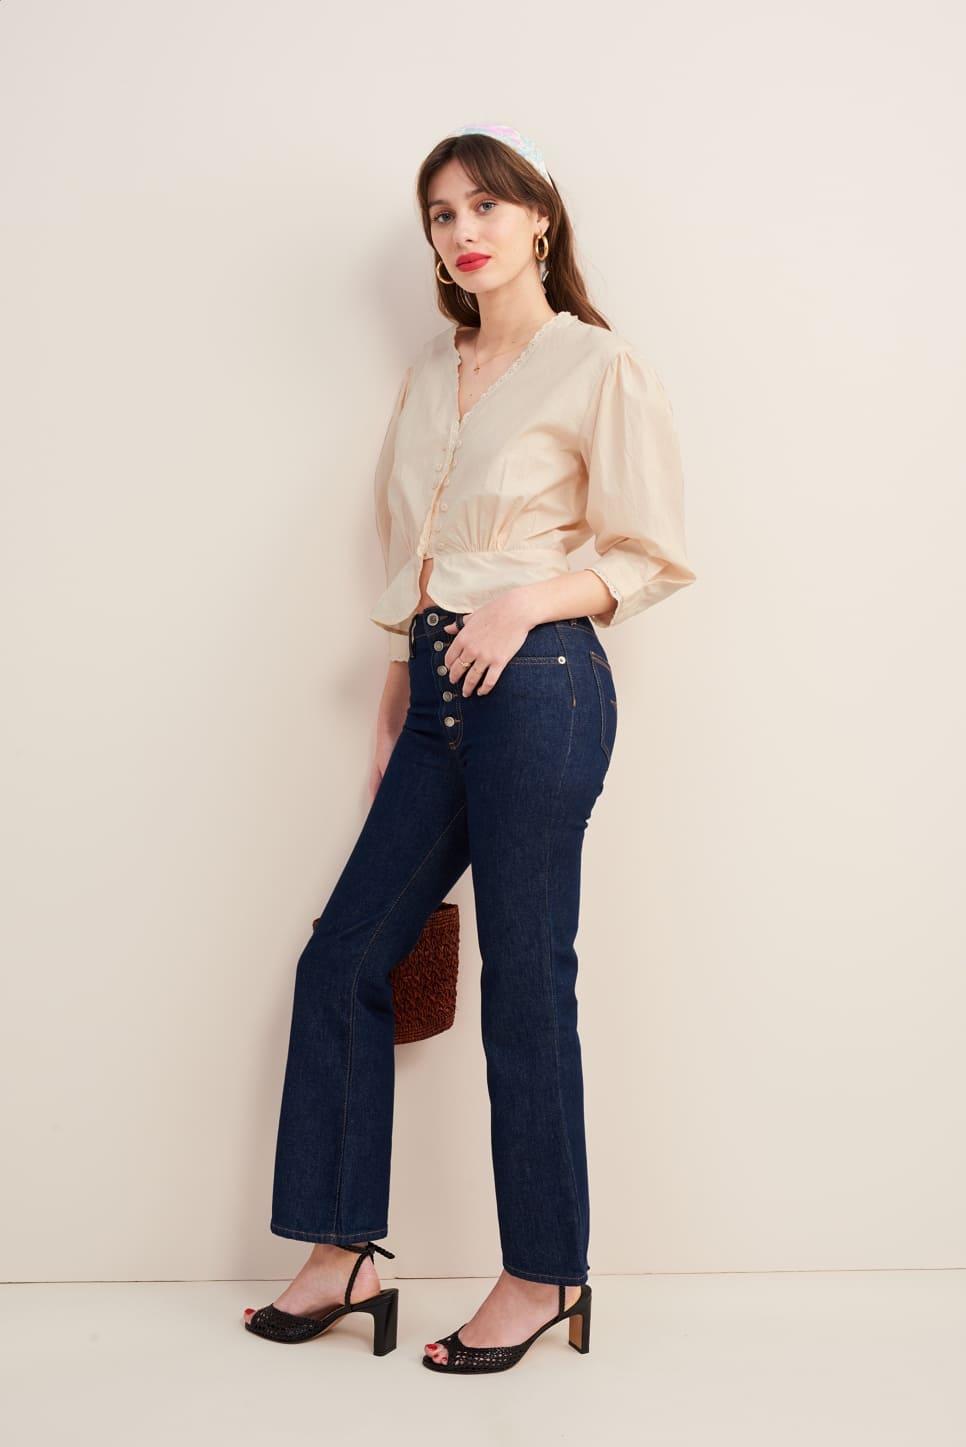 PAULETTE blouse